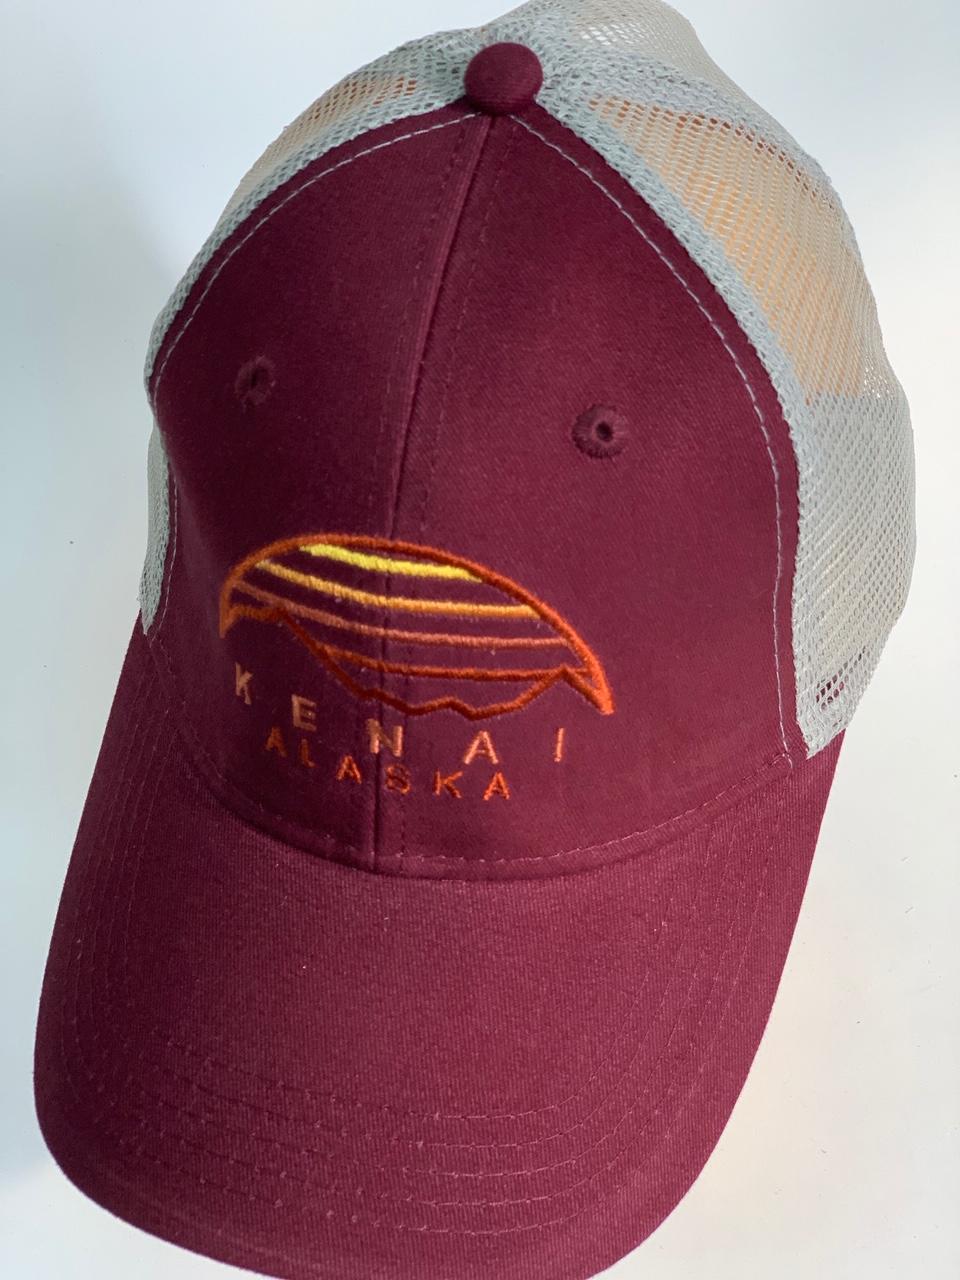 Бейсболка Alaska бордо с вышивкой на тулье и сеткой